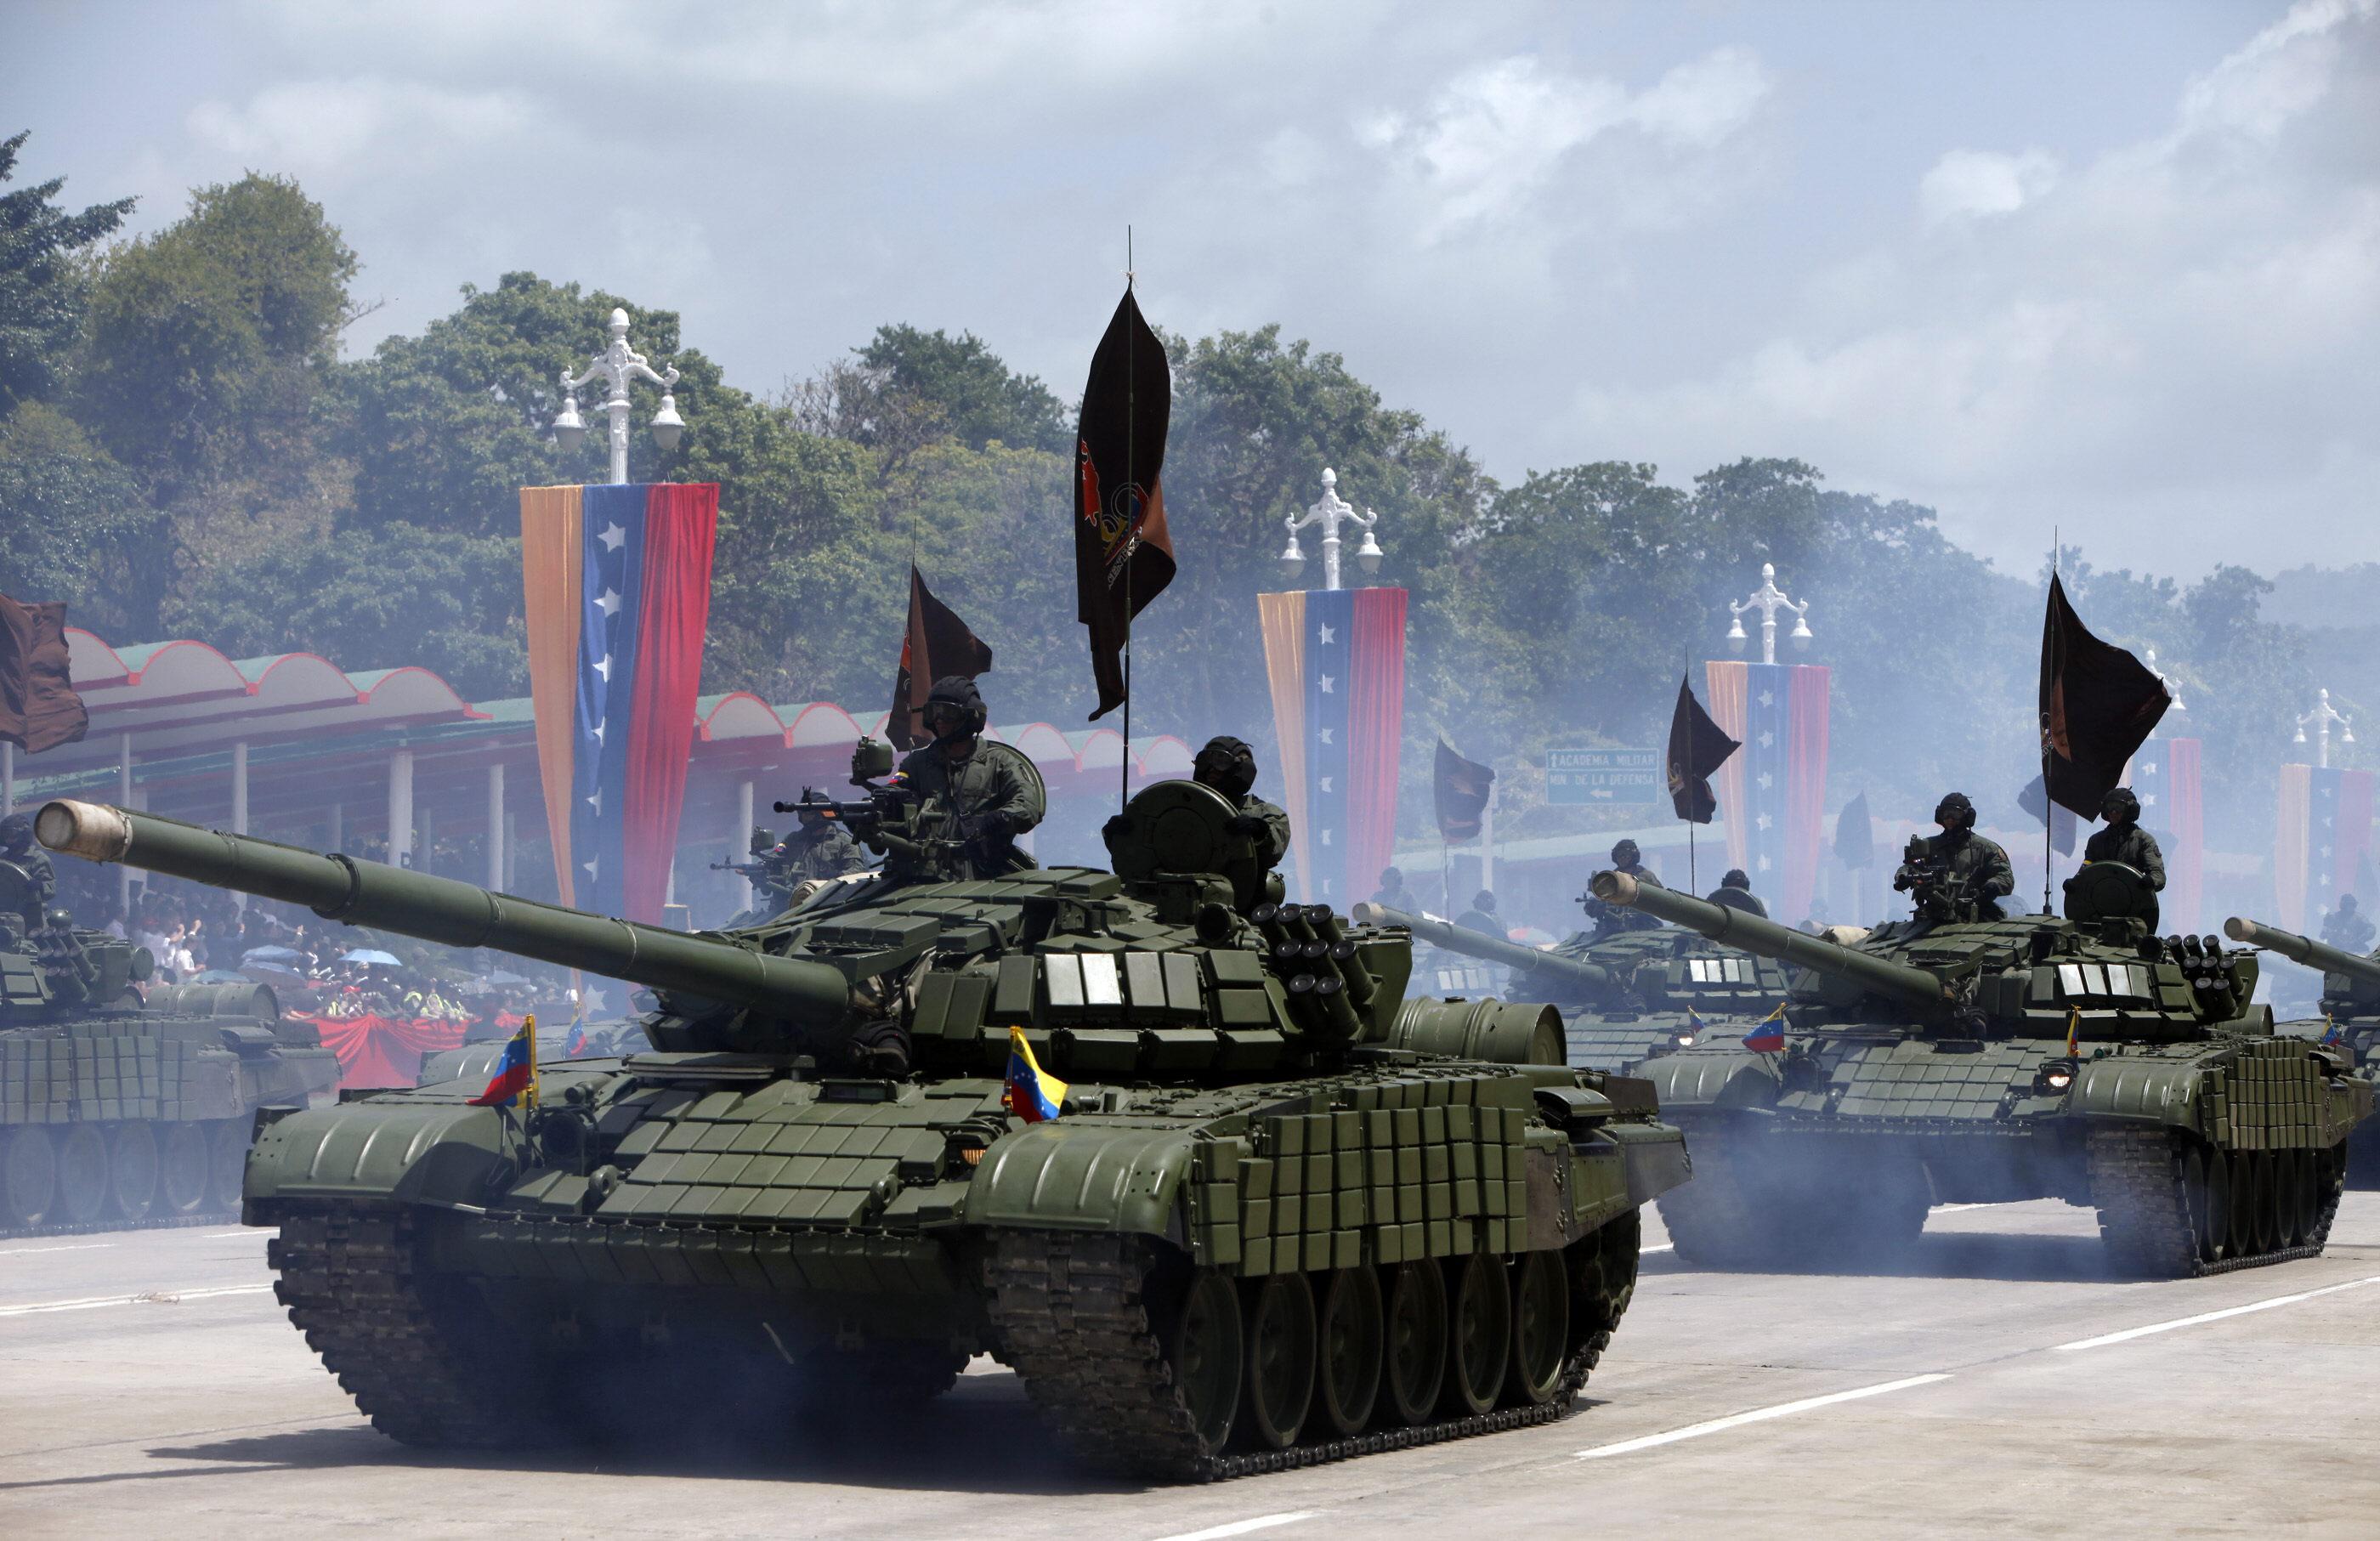 CAR04 CARACAS (VENEZUELA), 05/07/2011.- Aspecto del desfile militar con motivo de la conmemoración del bicentenario de la Independencia de Venezuela hoy, martes 5 de julio de 2011, en Caracas (Venezuela). La Fuerza Armada Nacional Bolivariana (FANB) exhibió el poderío militar venezolano en el desfile con material bélico recientemente adquirido a Rusia y China principalmente. EFE/ David Fernández